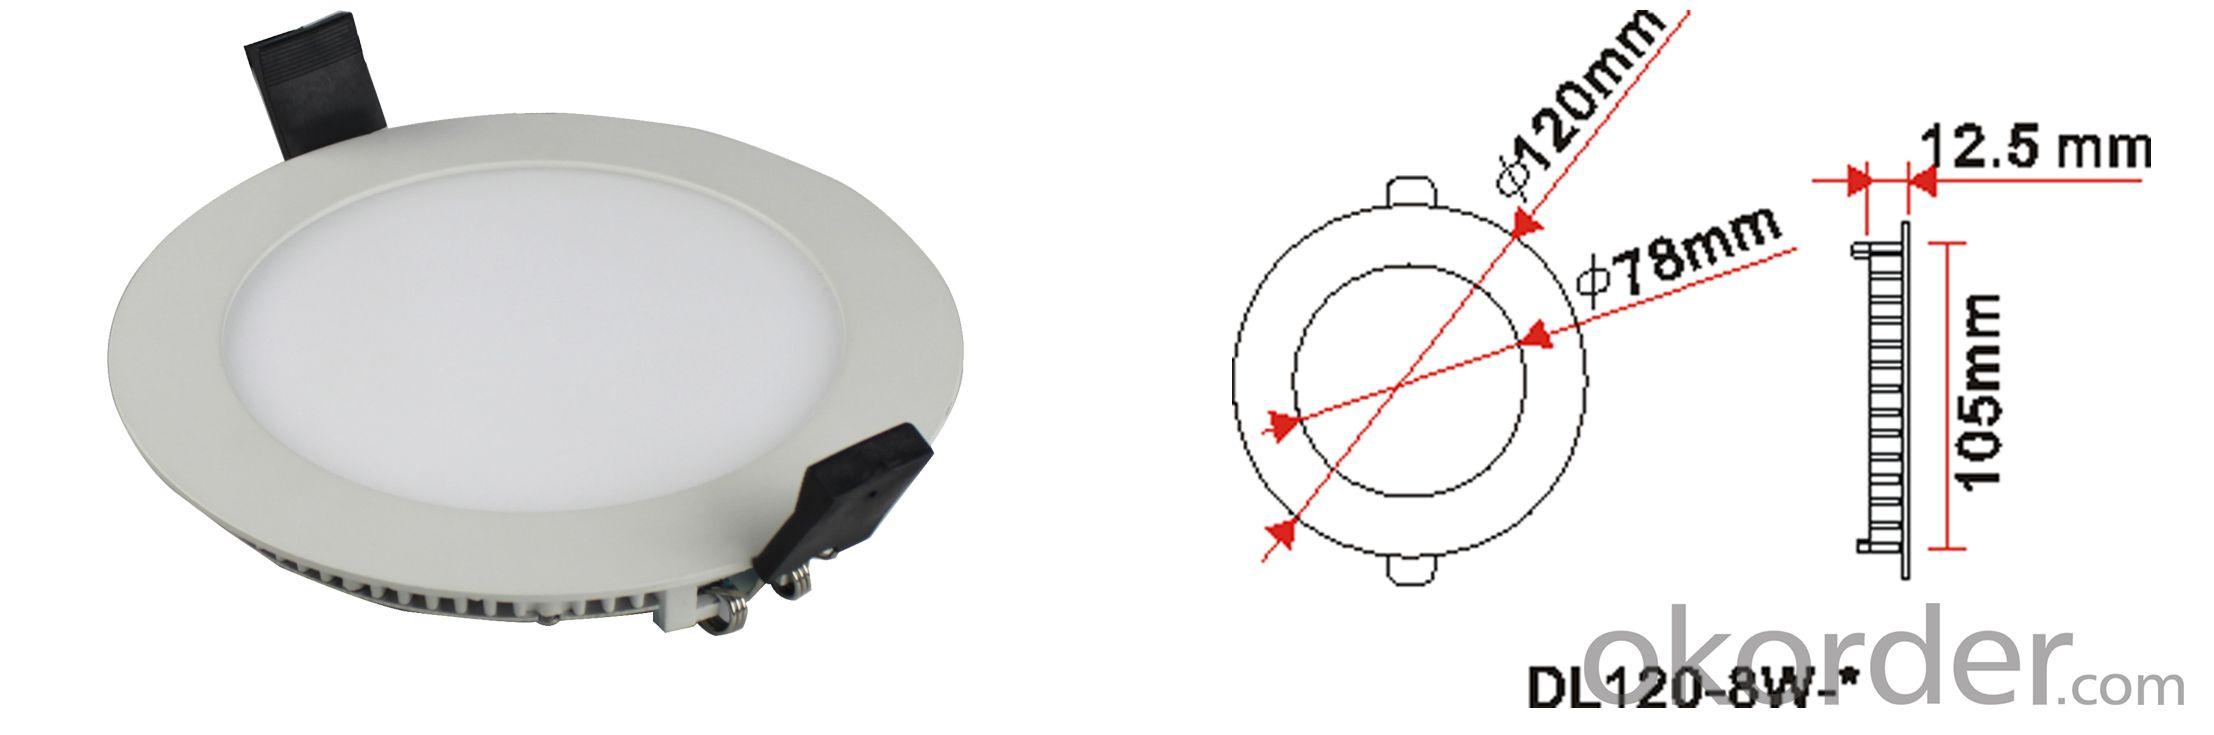 Φ115mm Round LED Panel Lights